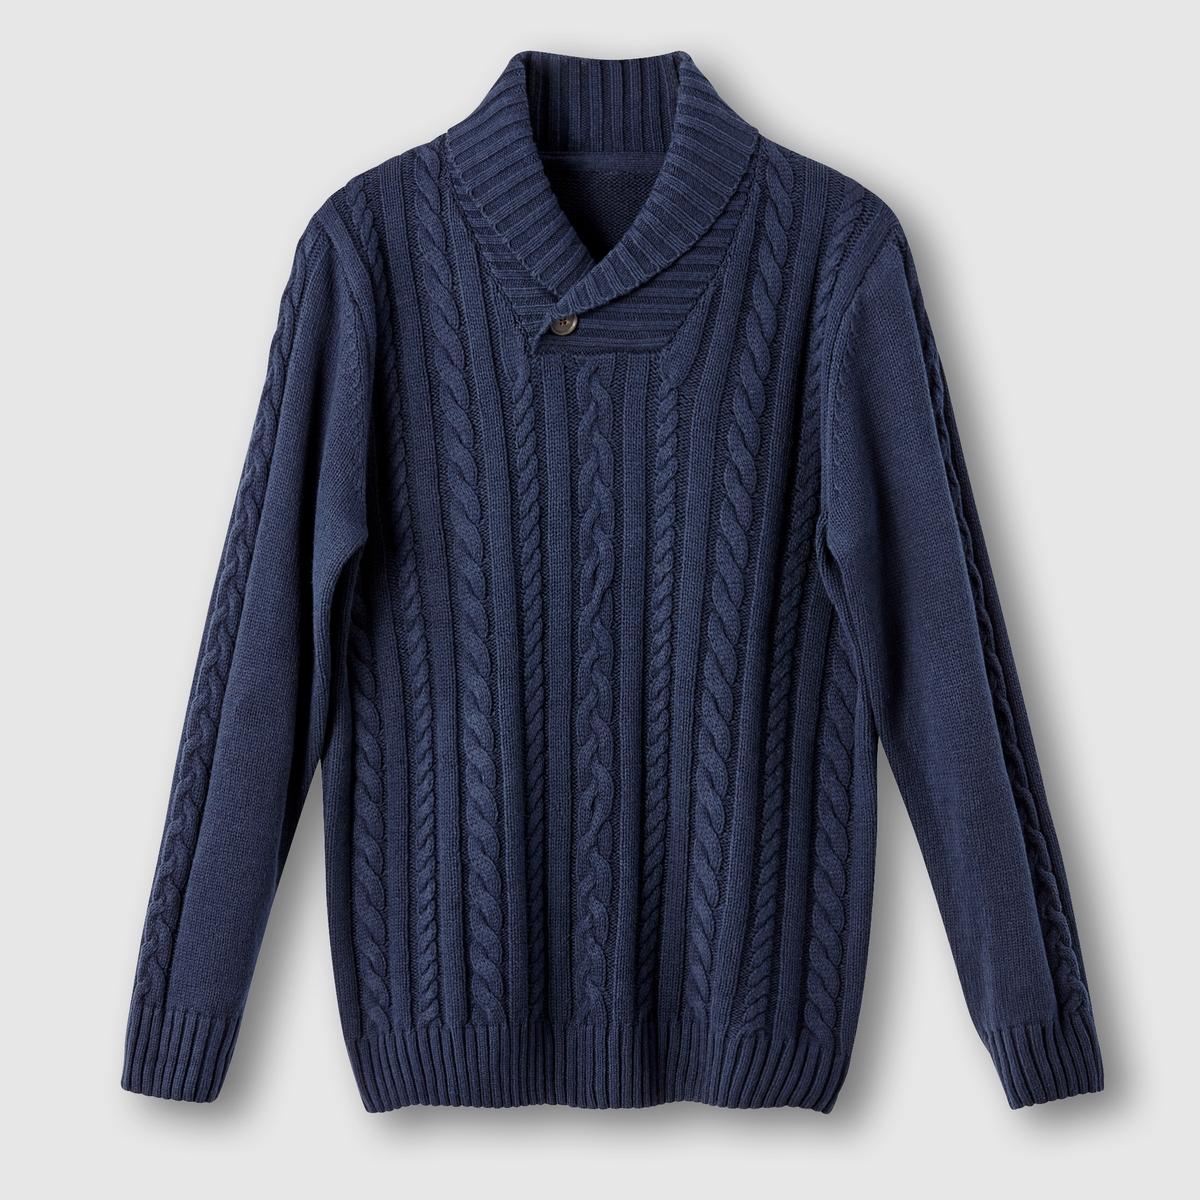 Пуловер с узором косыПуловер с узором косы. Длинные рукава. Шалевый воротник на пуговицах. Оригинальный трикотаж с узором косы спереди. Рукава и спинка из однотонного трикотажа. Из трикотажа 60% хлопка, 40% акрила. Длина 72 см.<br><br>Цвет: темно-синий<br>Размер: 78/80